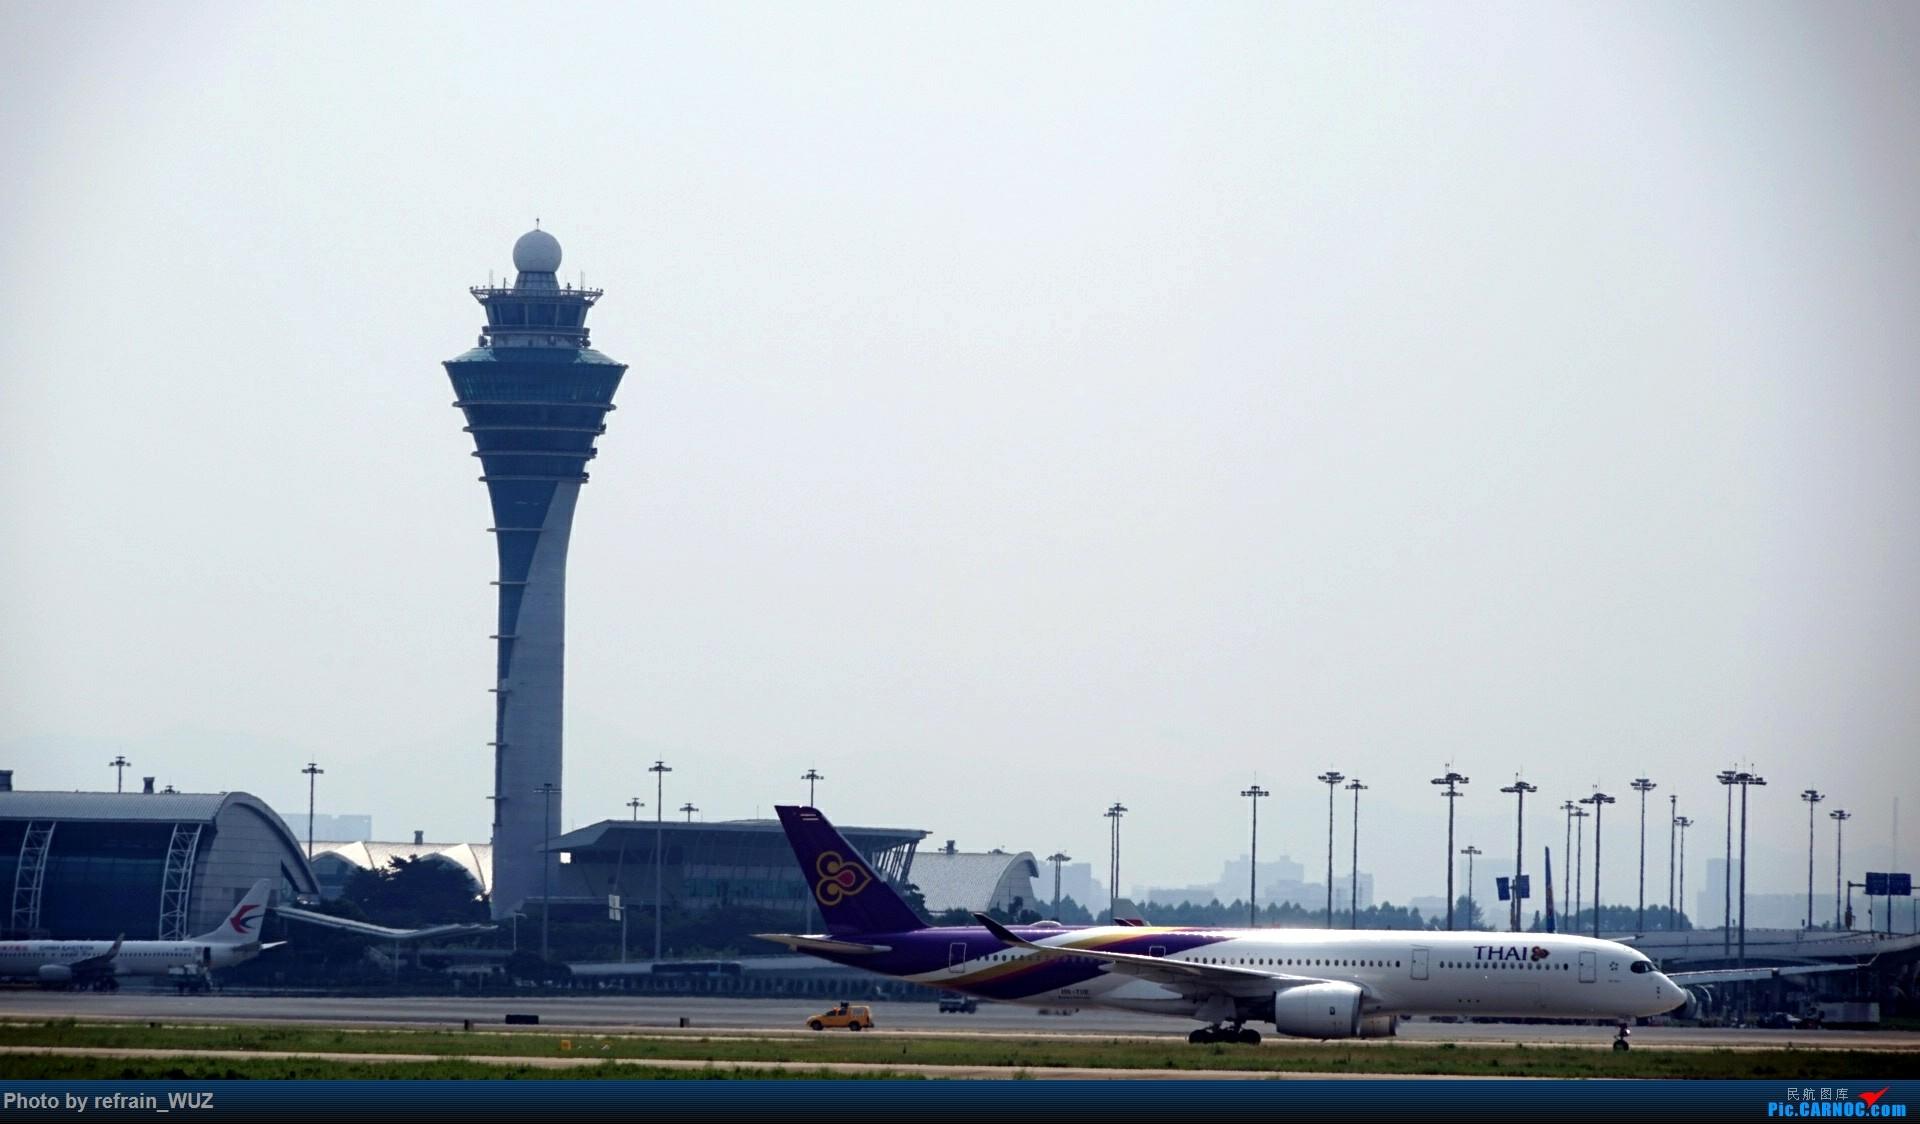 Re:[原创]CAN白云打机,全部系大嘢,最长的最粗的都有了! AIRBUS A350-900 HS-THE 中国广州白云国际机场